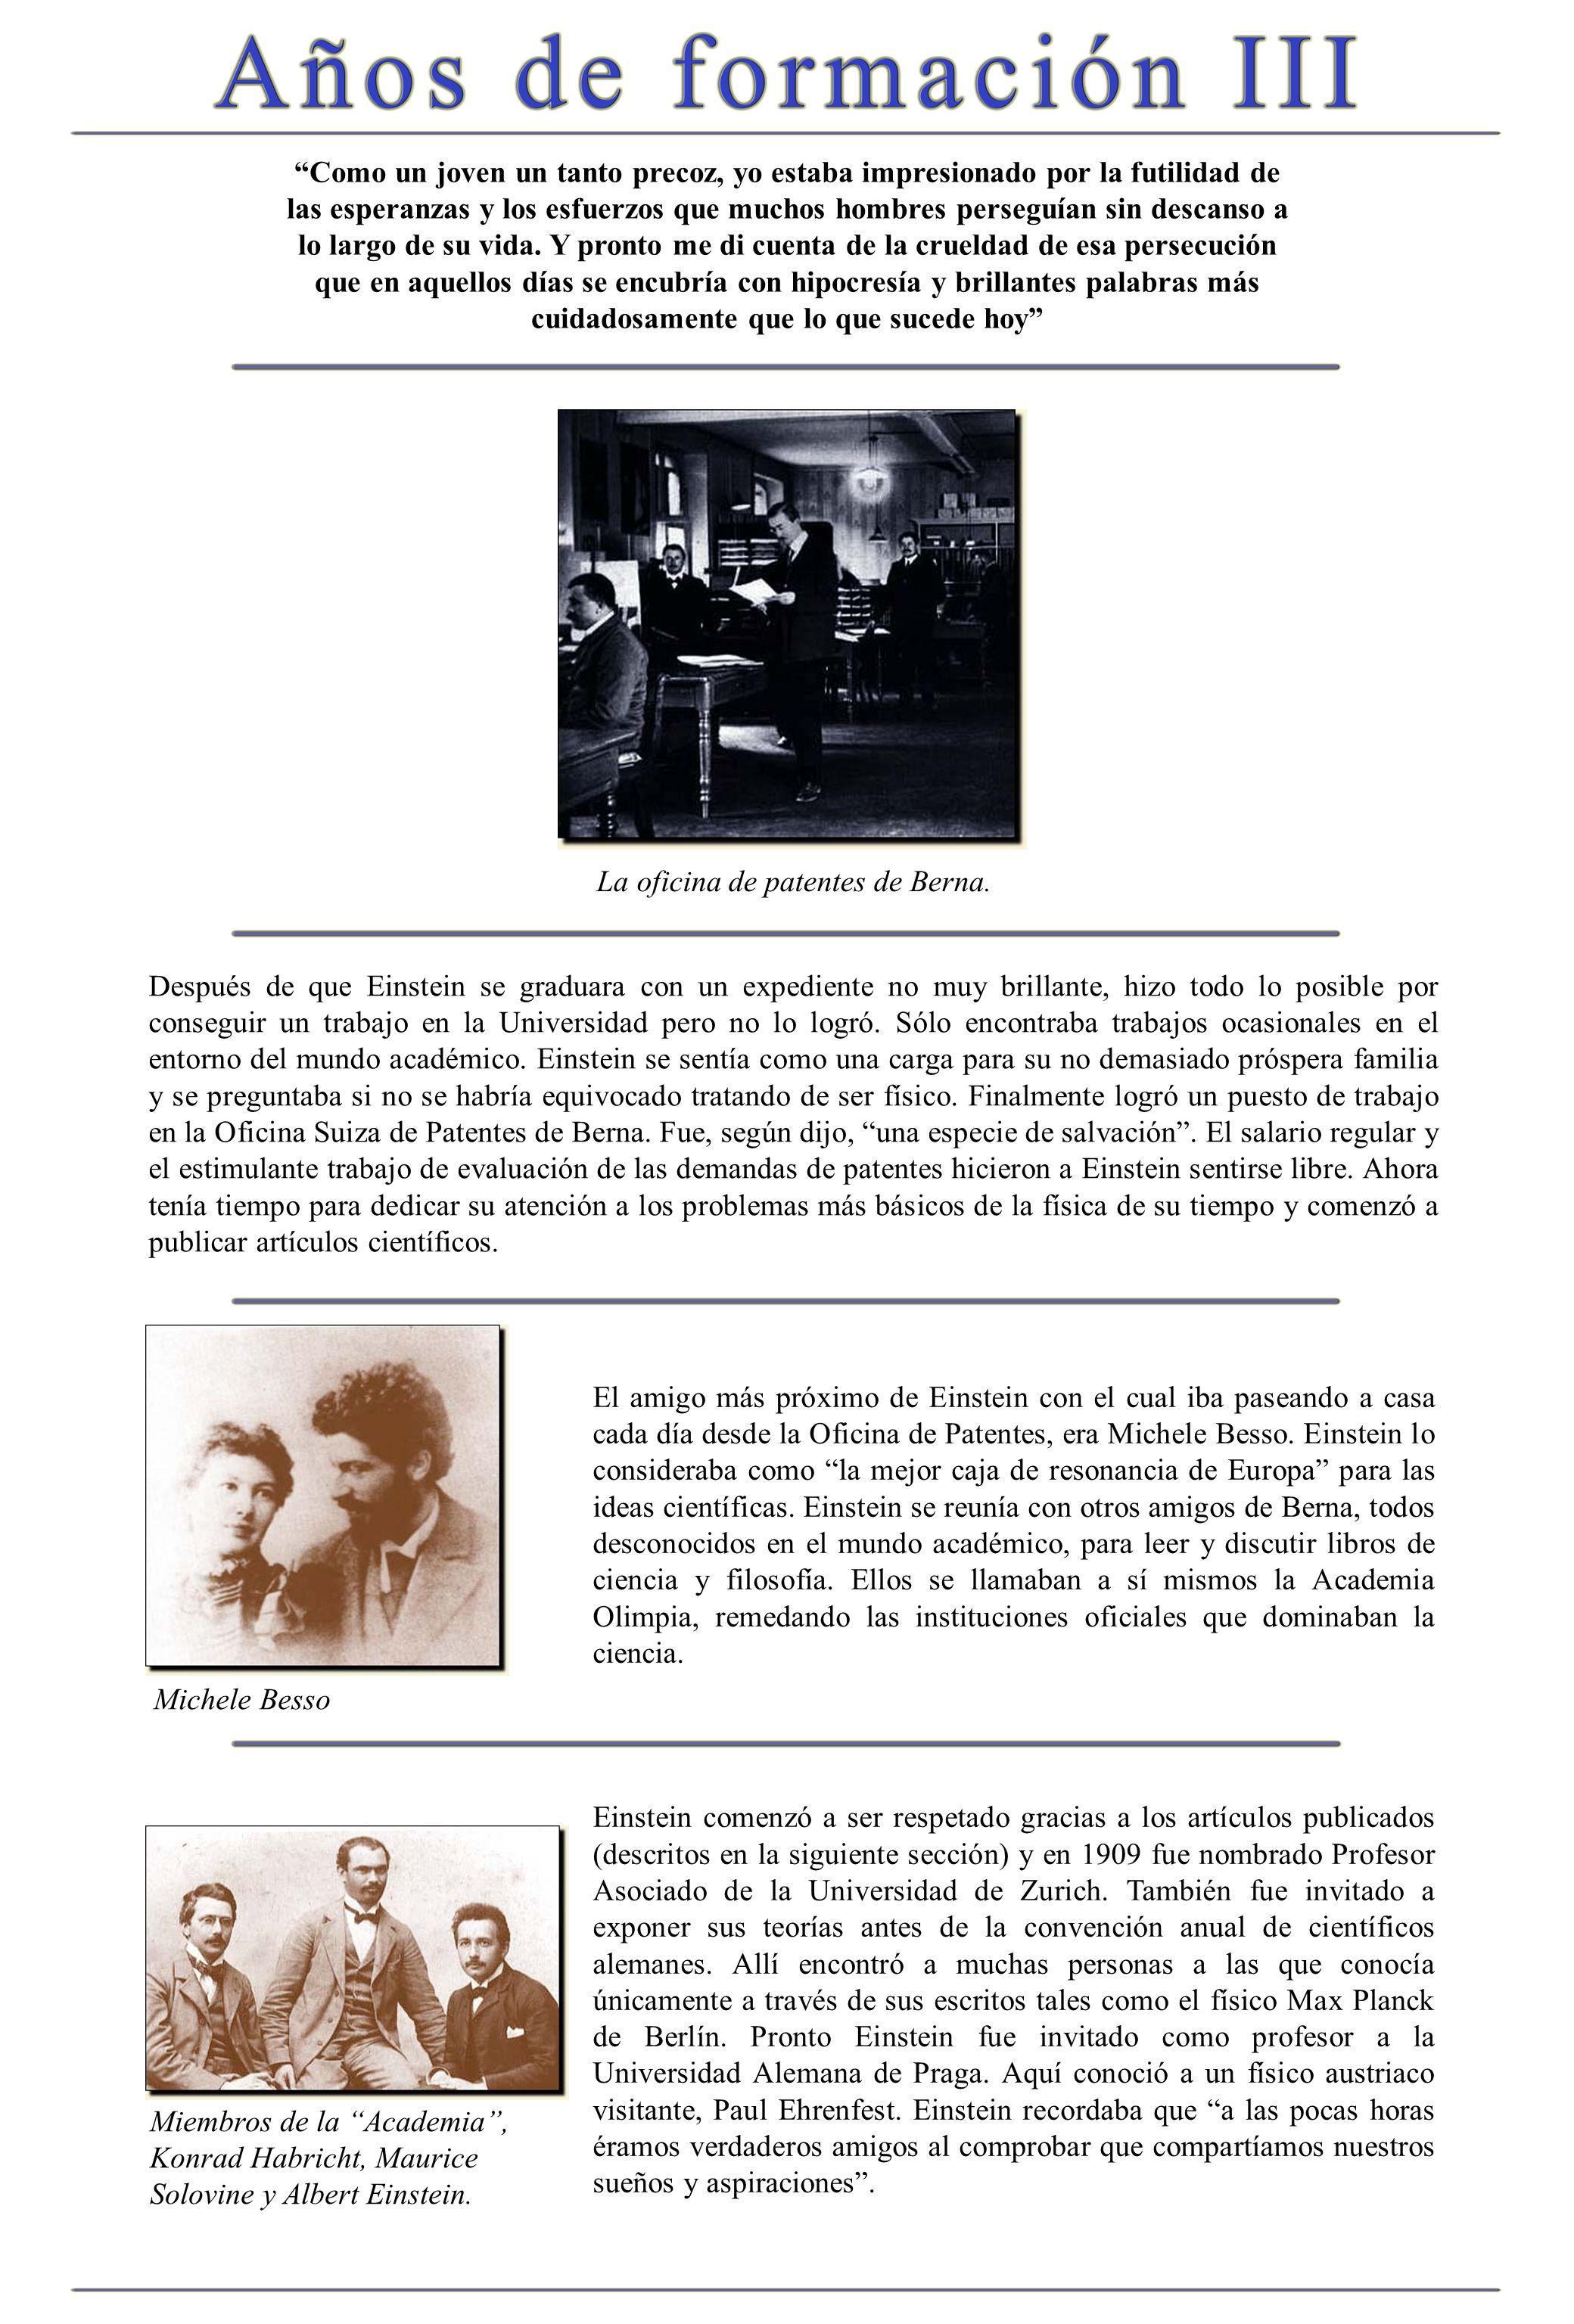 De todas las comunidades posibles, no hay ninguna a la que me gustaría dedicarme, excepto la sociedad de los buscadores de la verdad, que siempre ha tenido muy pocos miembros activos a lo largo de la historia Max Planck encontró las primeros pistas de la teoría cuántica en 1900.